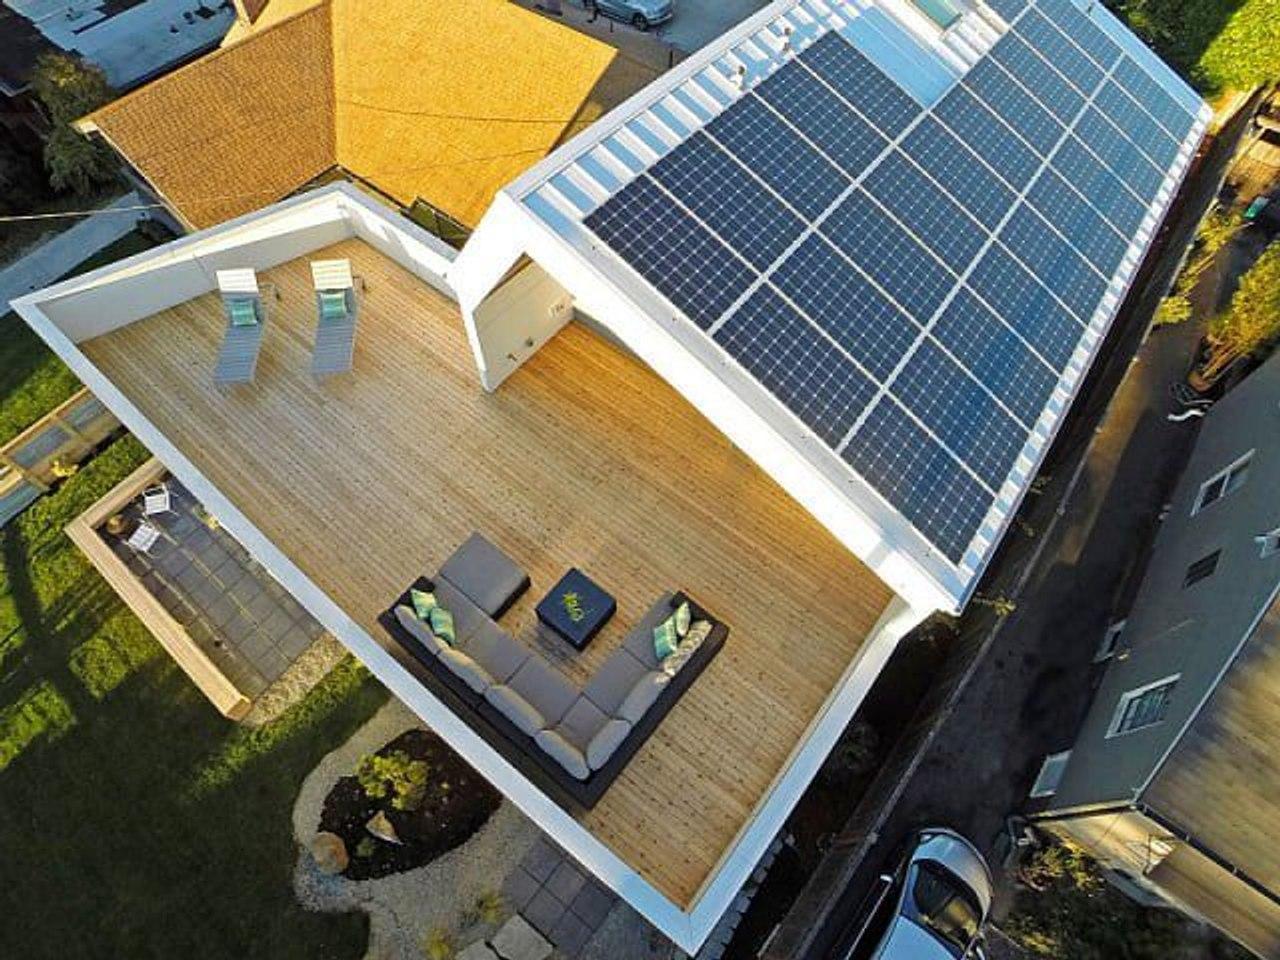 В Германии обязали застройщиков устанавливать солнечные панели на крышах новых зданий